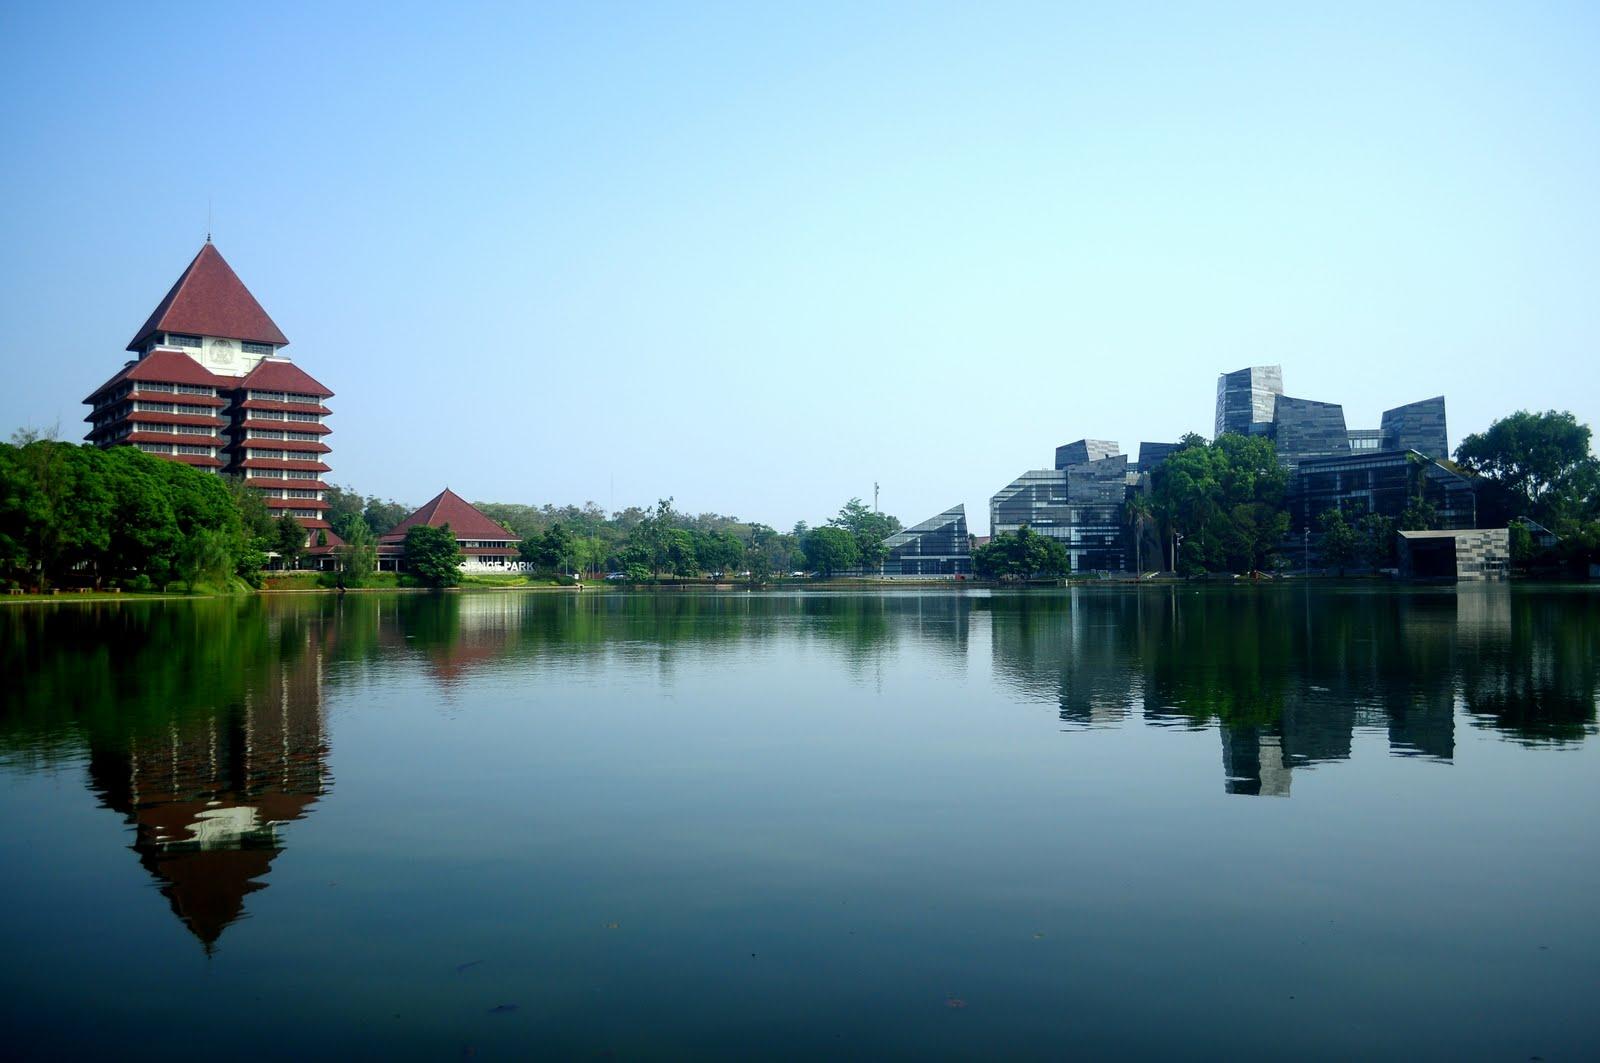 Menjadi Mahasiswa Unggulan di Universitas Terbaik Indonesia